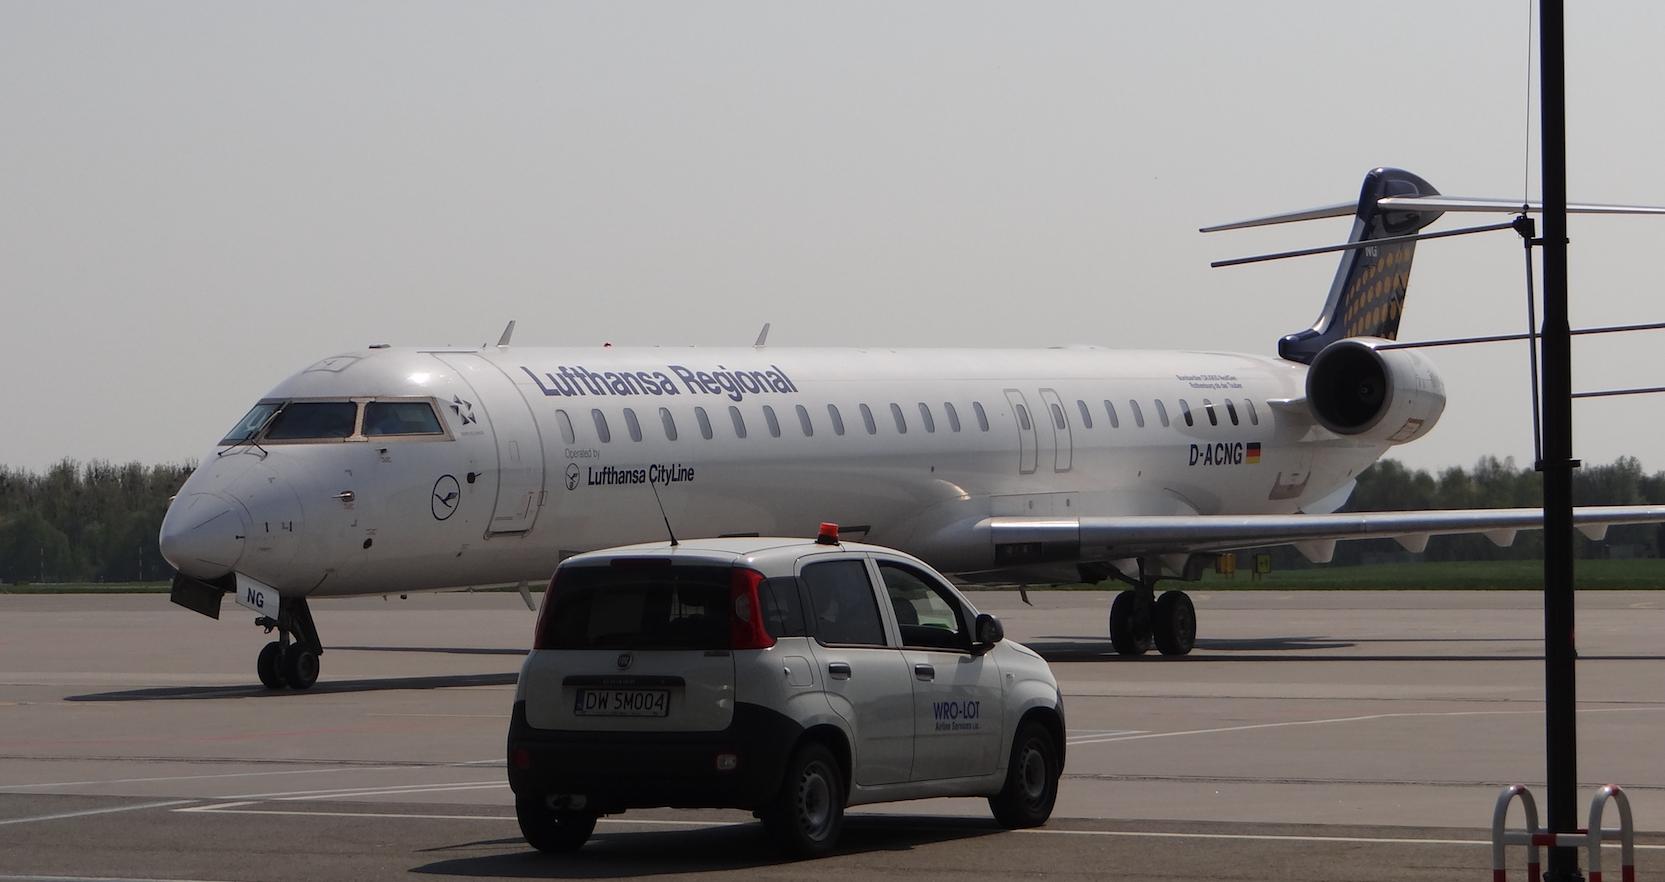 Lotnisko Strachowice. Bombardier CRJ-900LR rejestracja D-ACNG.2018 rok. Zdjęcie Karol Placha Hetman